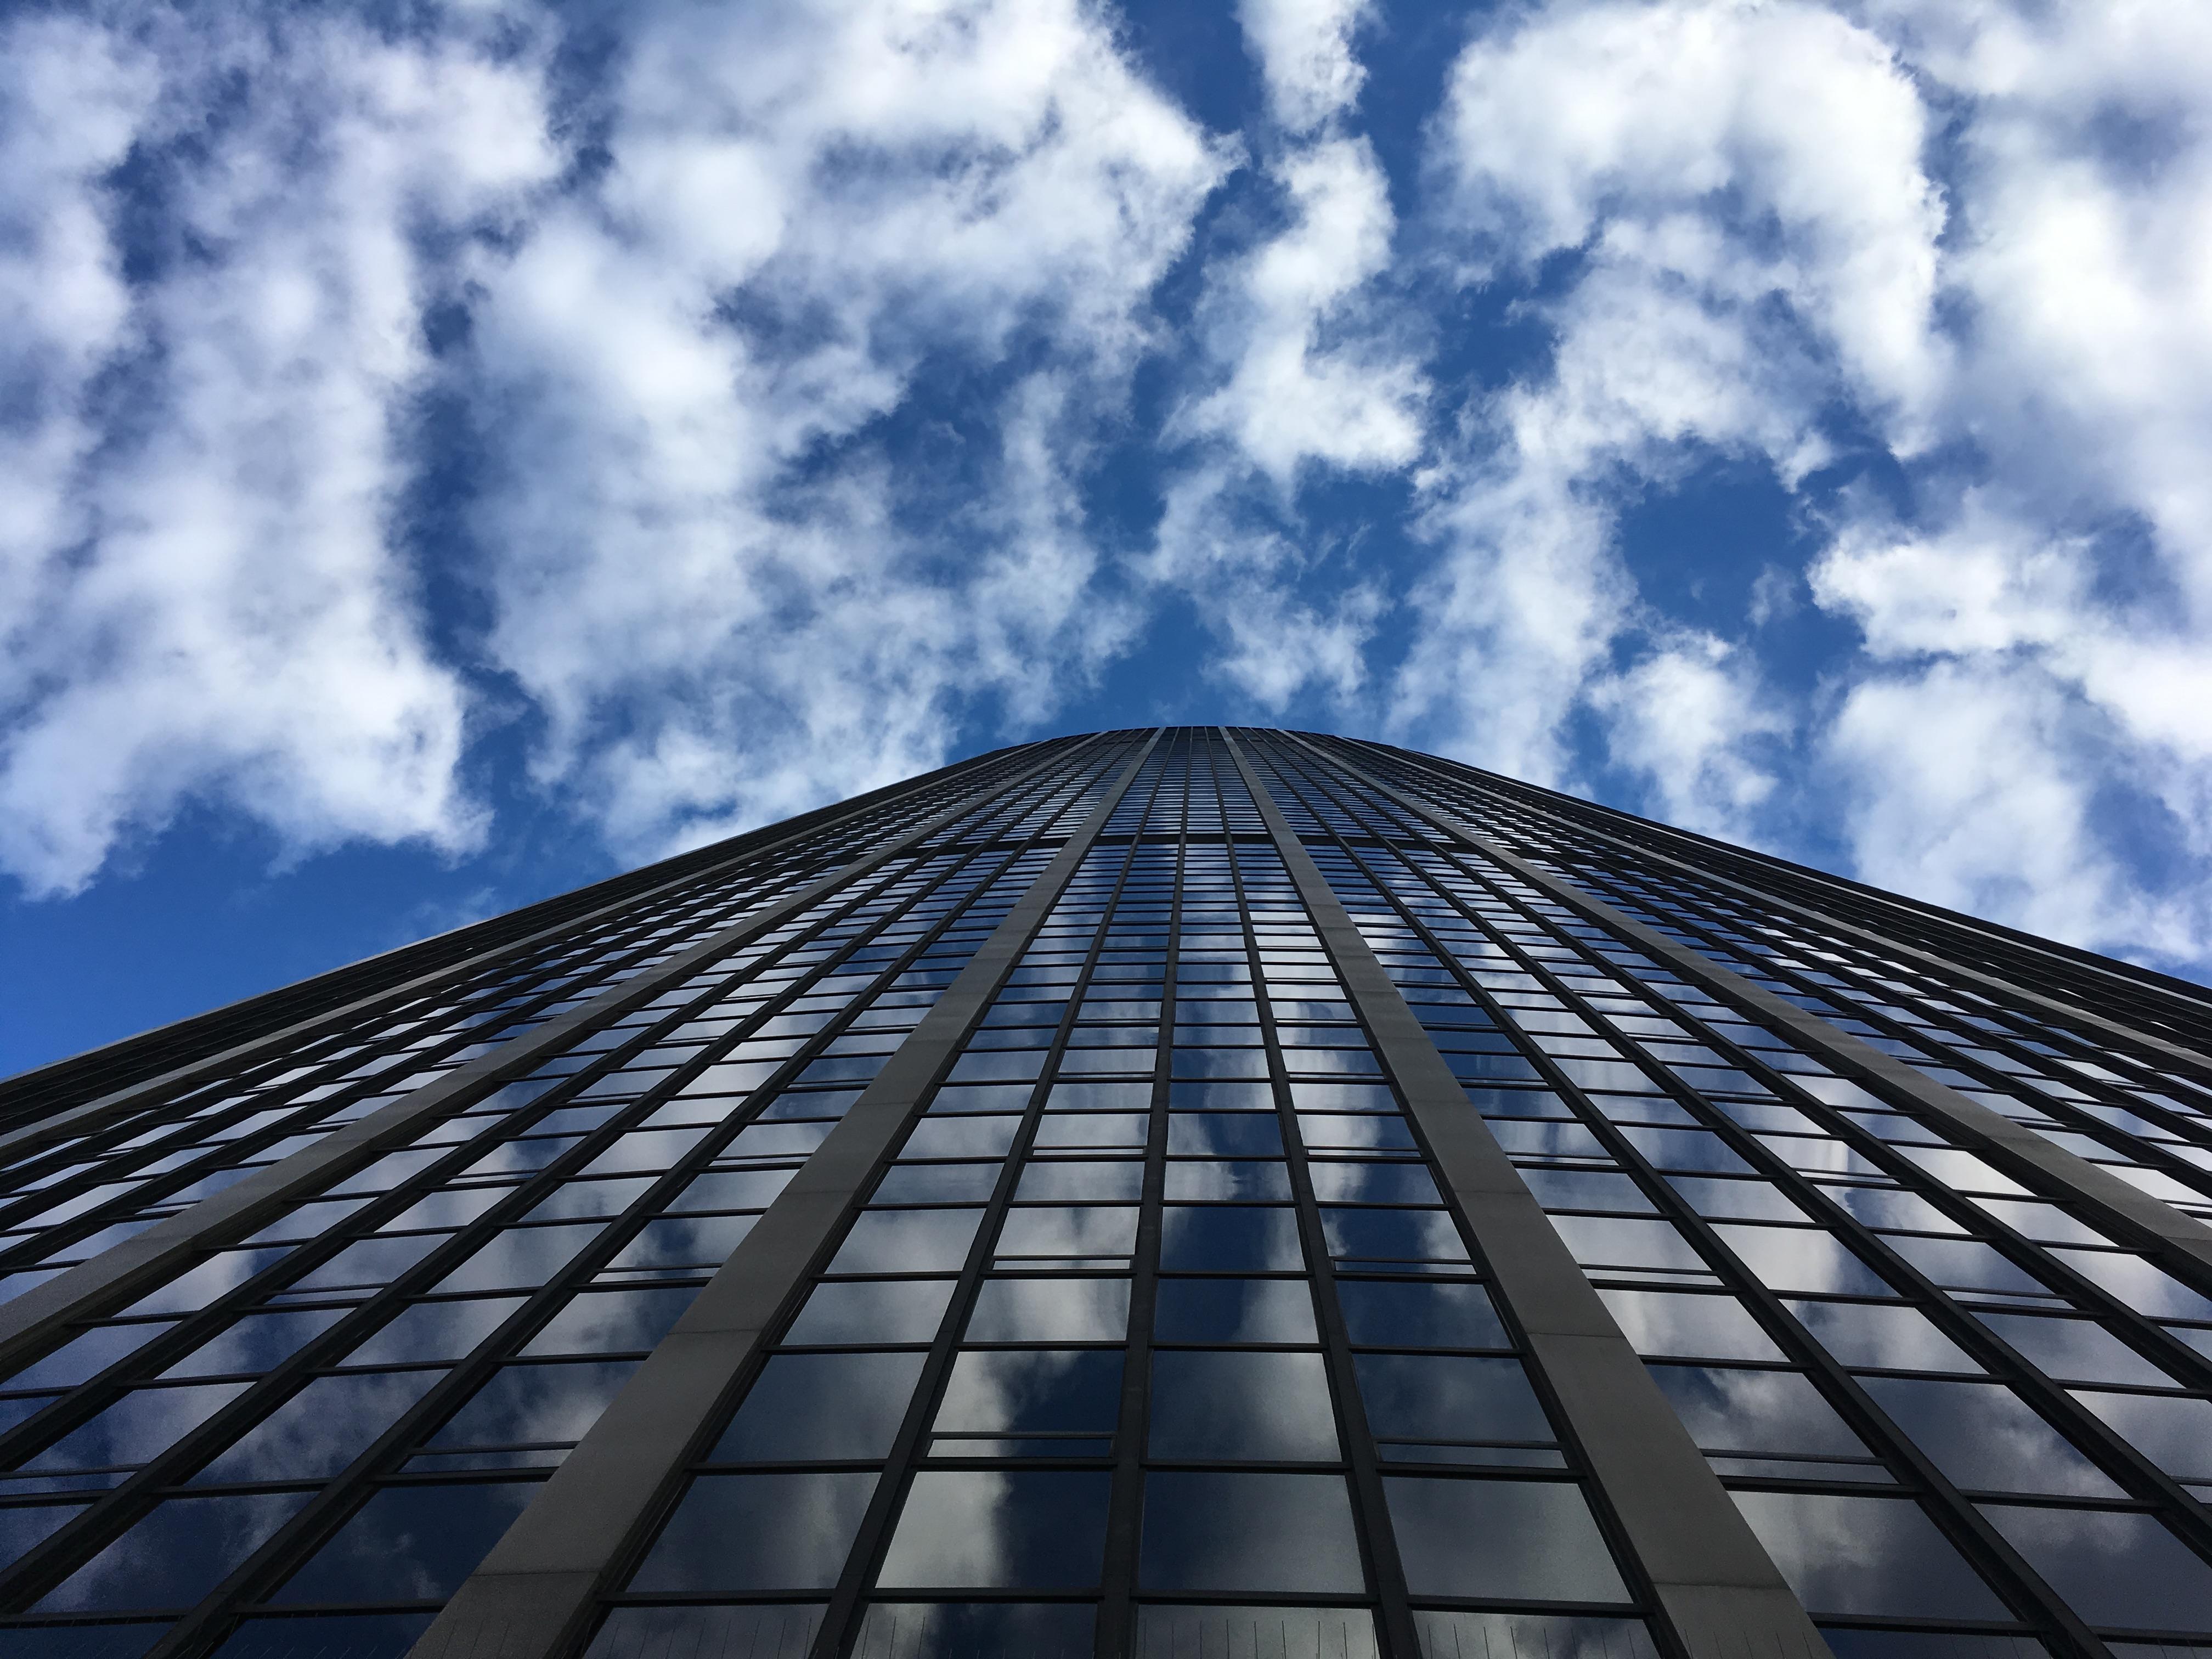 tour Montparnasse, building, ciel